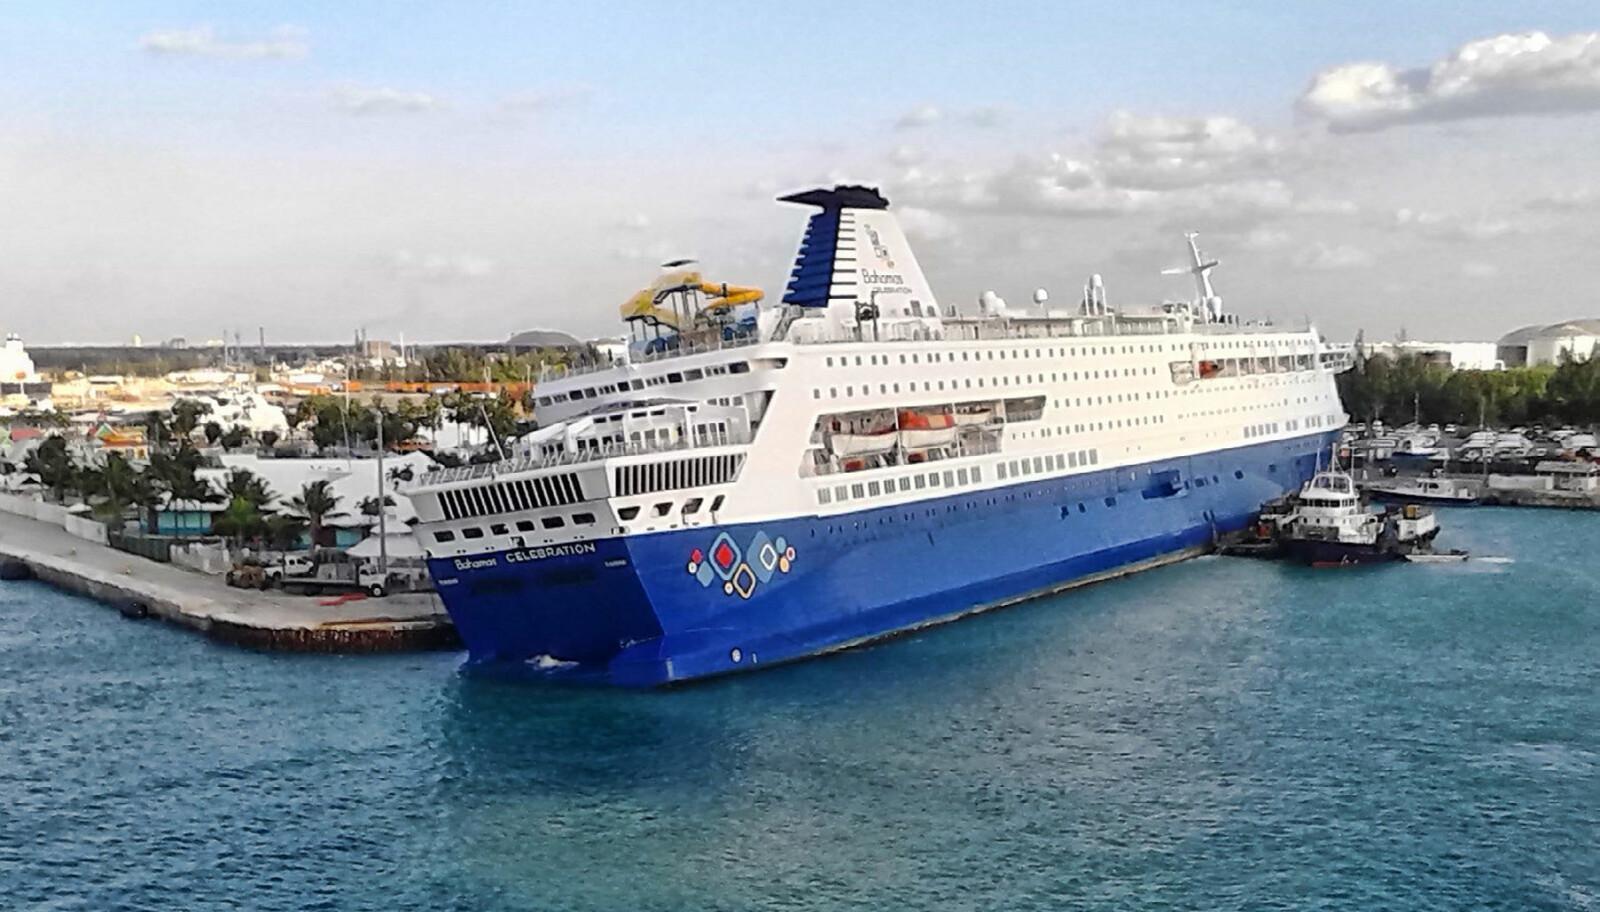 <b>SLAGSIDE: </b>I 2008 ble «Prinsesse Ragnhild» solgt til det amerikanske rederiet Celebration Cruise og omdøpt til «Bahamas Celebration». 31. oktober 2014 fikk skipet omfattende skader etter sammenstøt med et ukjent objekt utenfor Freeport på Bahamas, og det ble etter hvert solgt for hugging